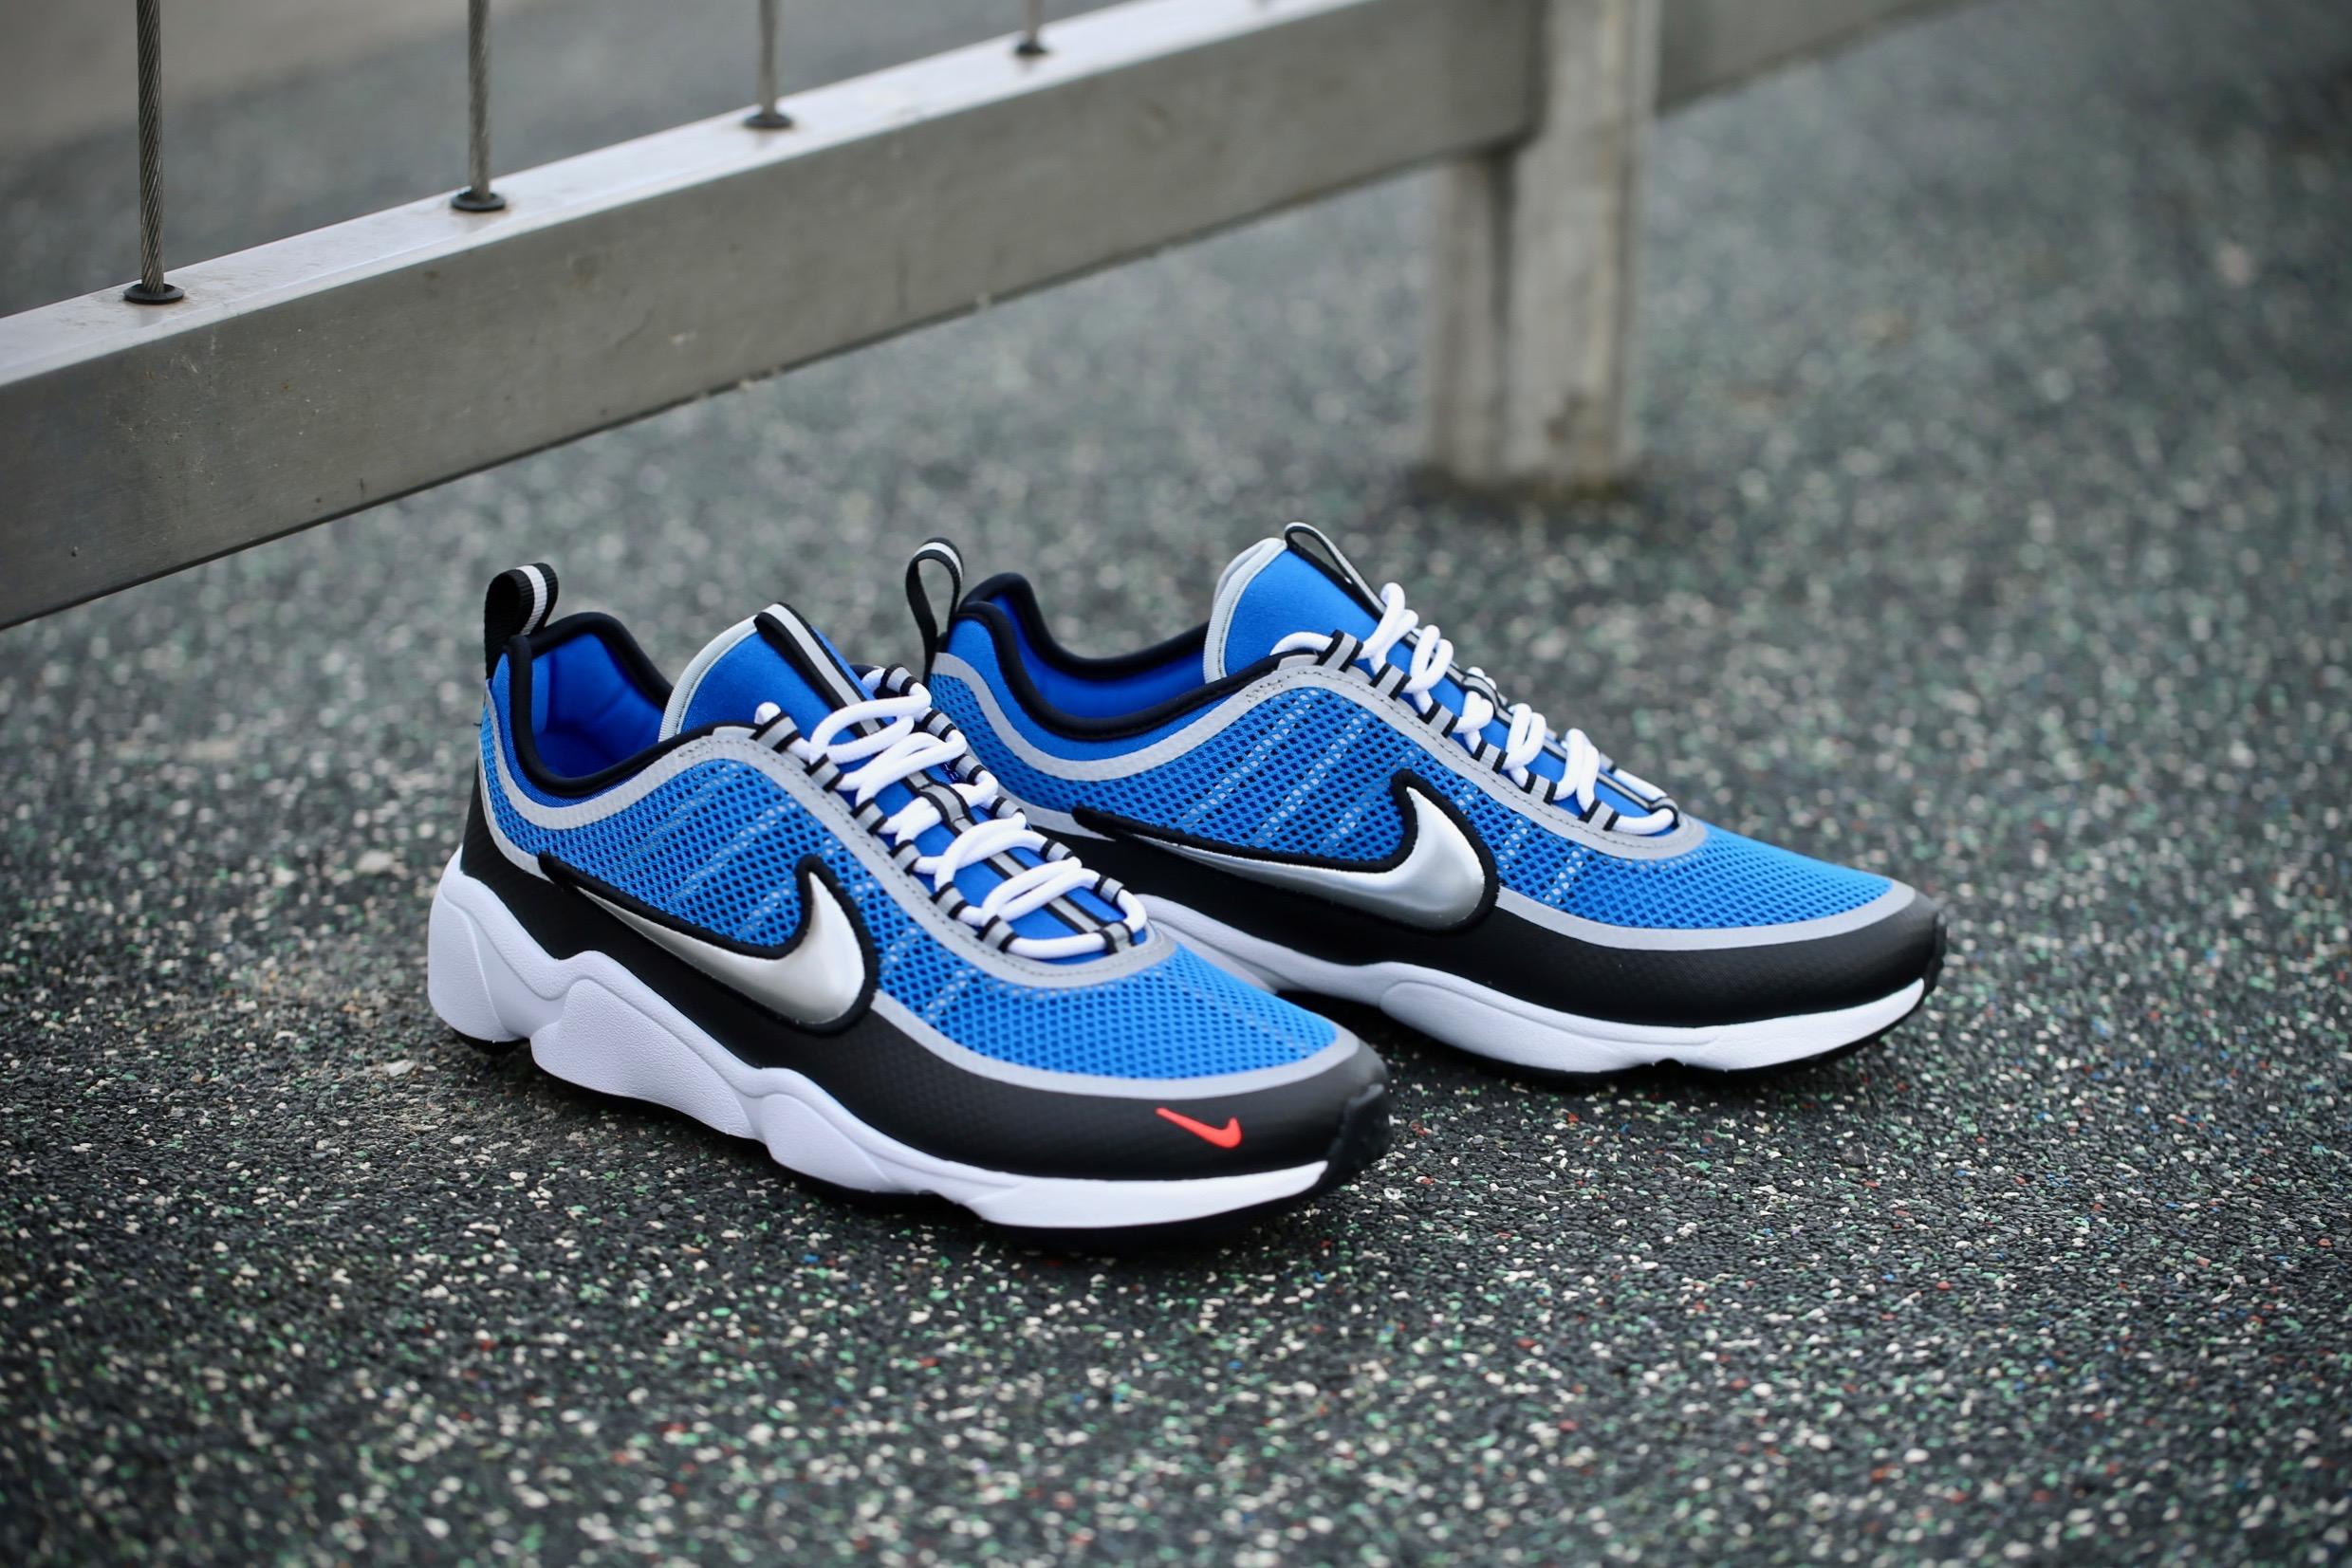 Nike Air Zoom Spiridon – Regal Blue